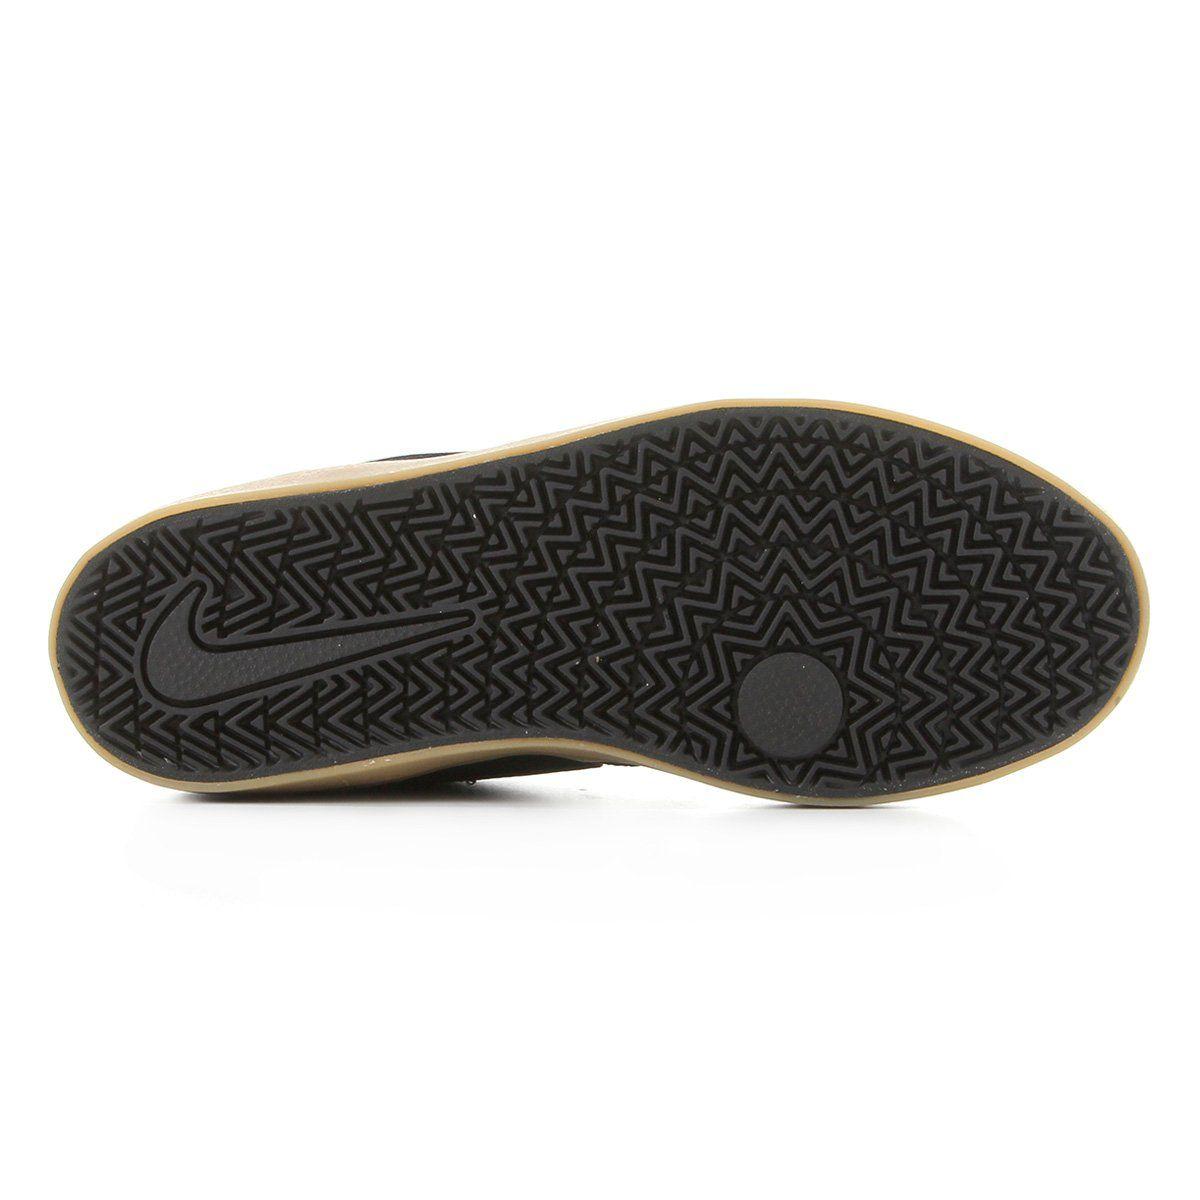 Tenis Nike SB Check CNVS GS 905373-006  - DOZZE SPORT